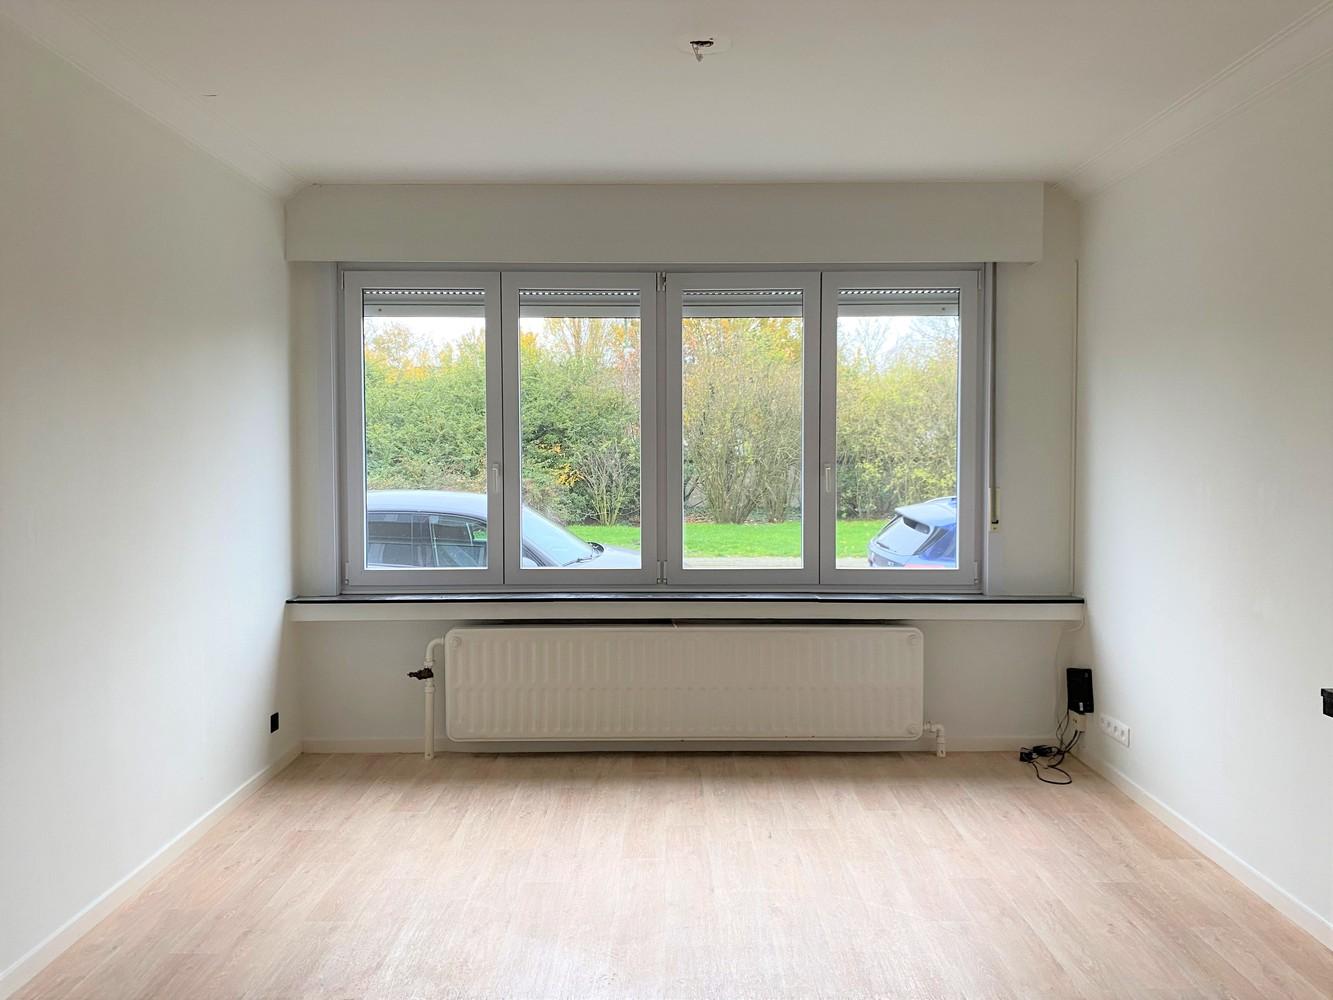 Gerenoveerd, gelijkvloers appartement met 2 slaapkamers en ruime tuin (94m²) in Antwerpen! afbeelding 7